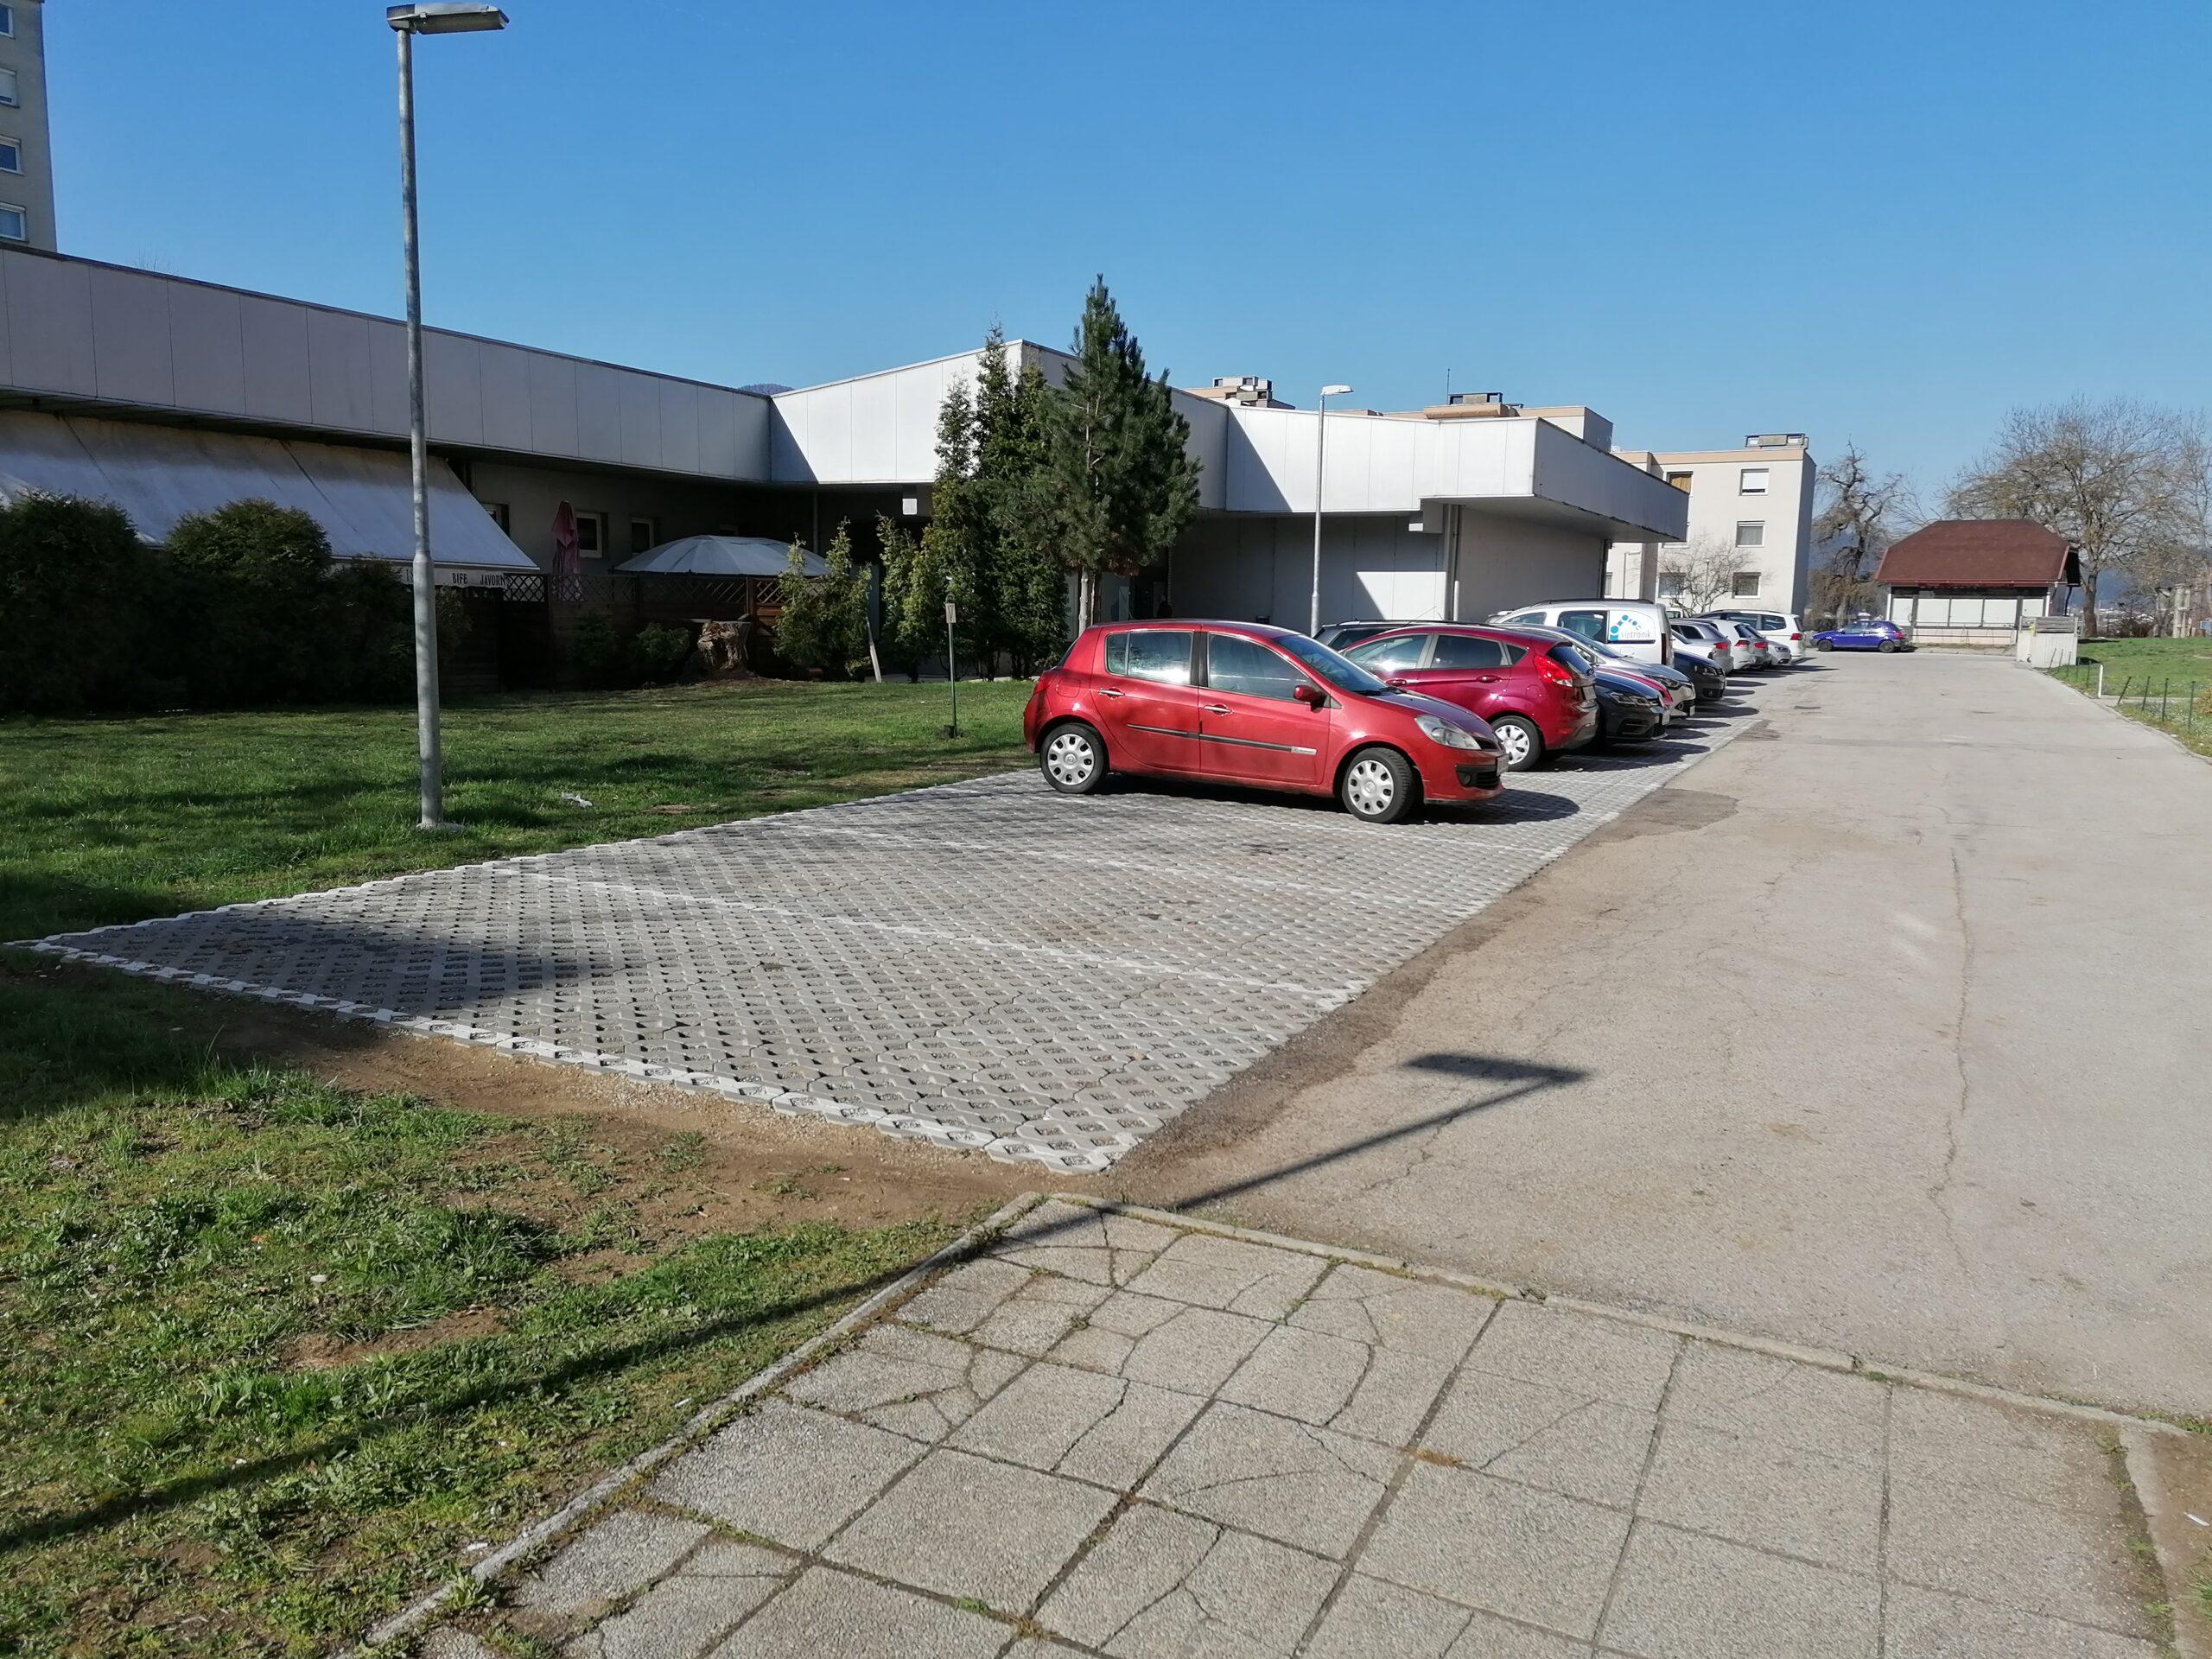 Obnovljeno parkirišče s travnimi ploščami na Javorniku